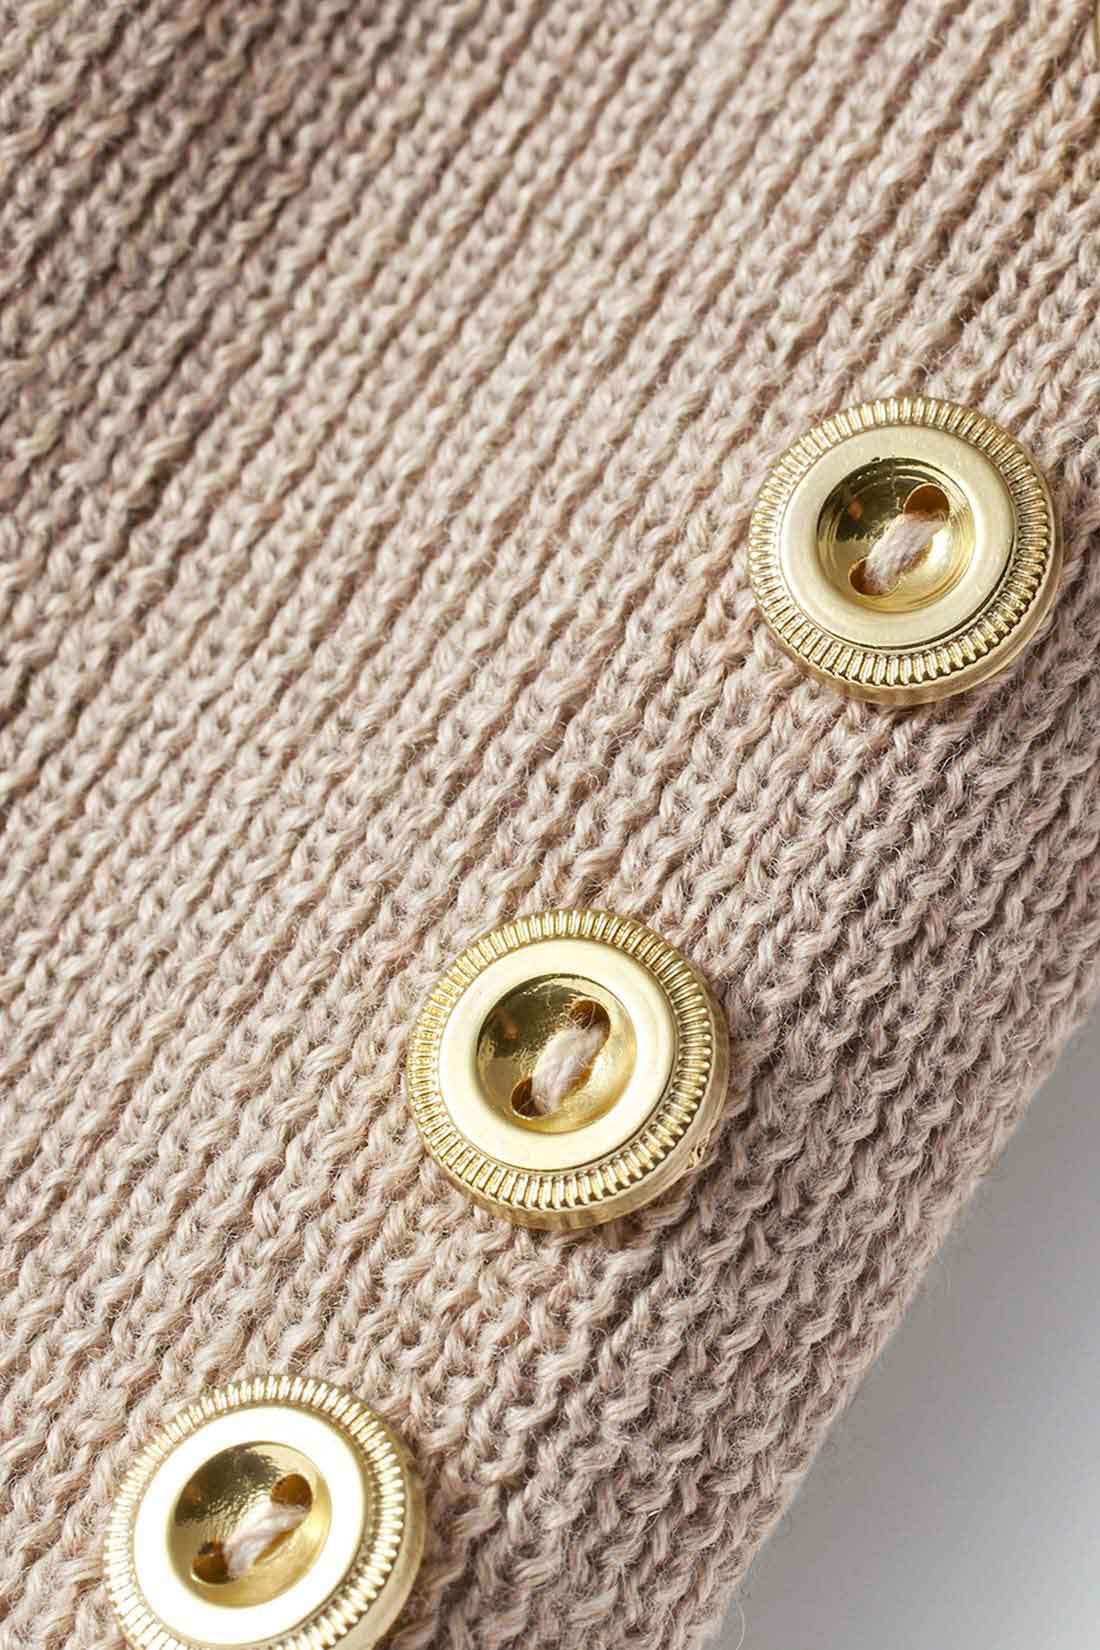 袖にあしらったゴールドボタンがアクセントに。